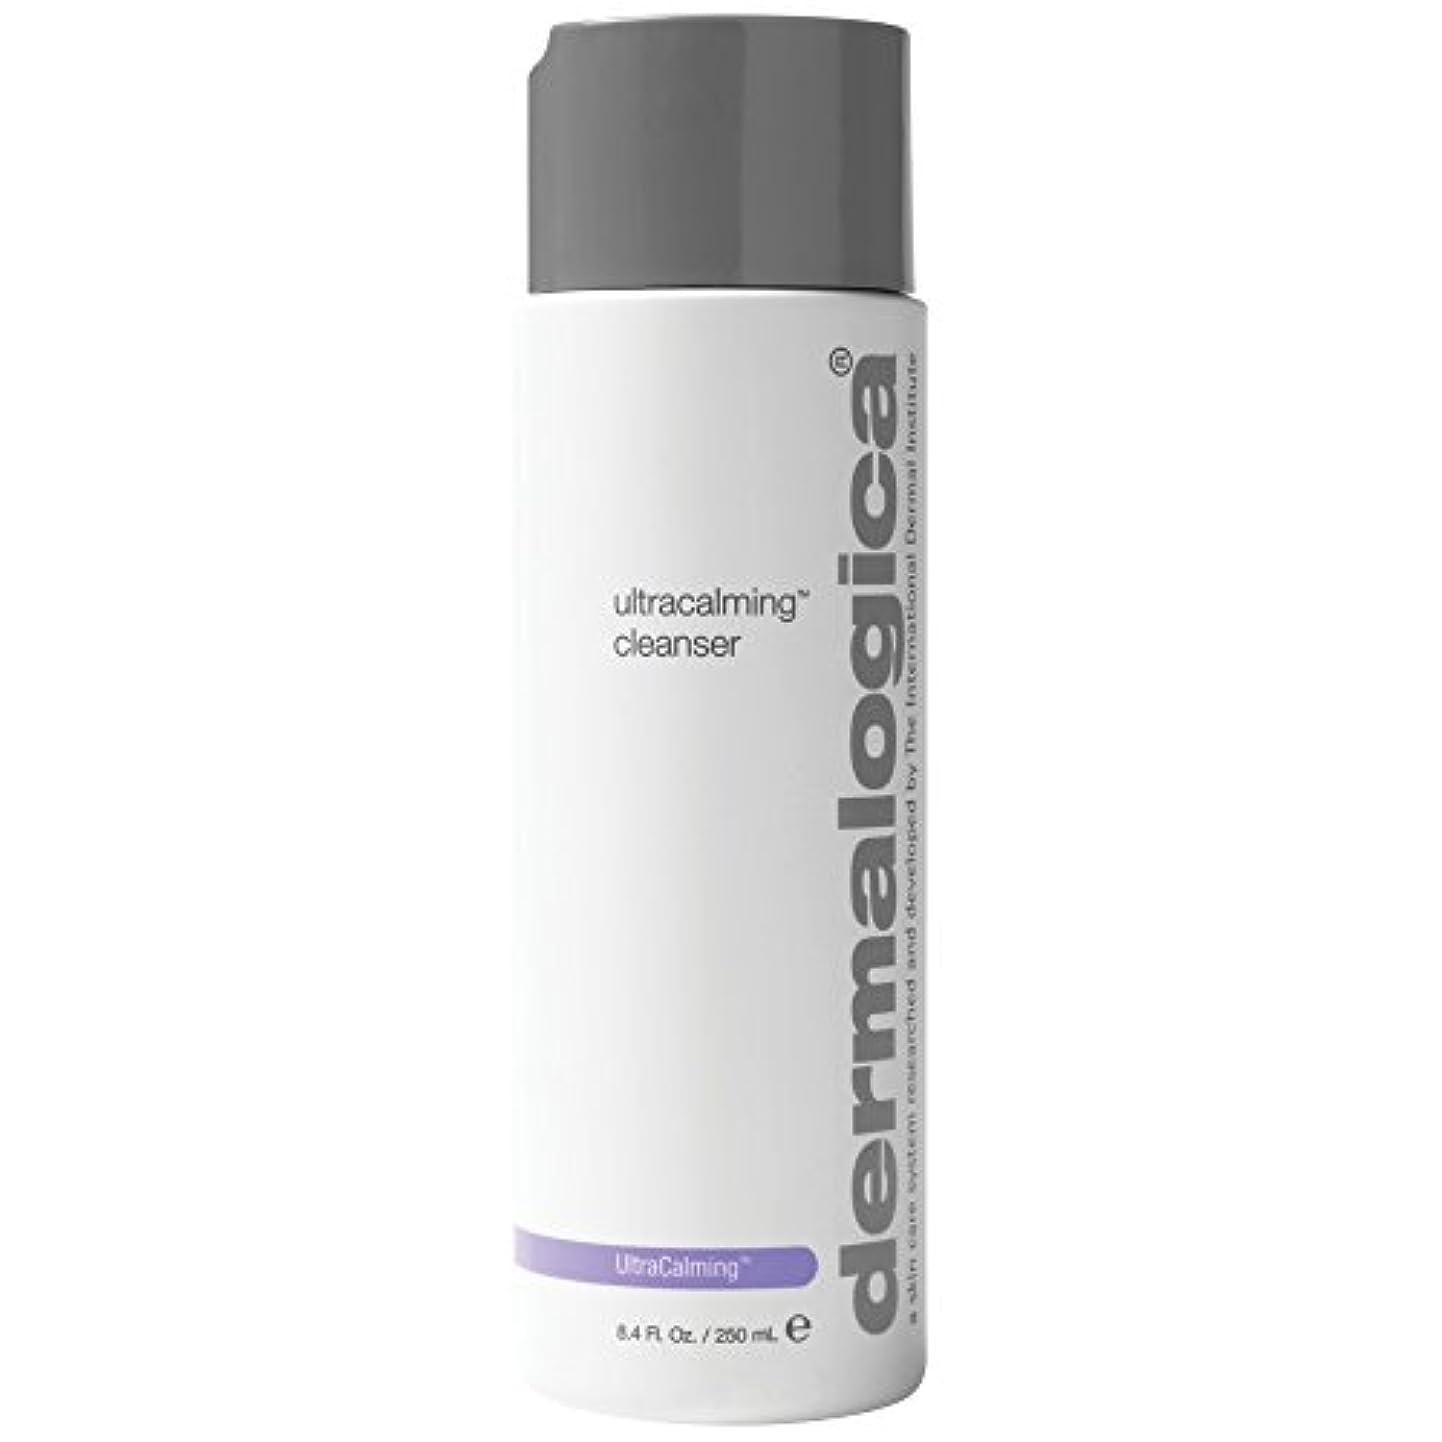 不格好準備因子ダーマロジカUltracalming?クレンザーの250ミリリットル (Dermalogica) (x6) - Dermalogica UltraCalming? Cleanser 250ml (Pack of 6) [...